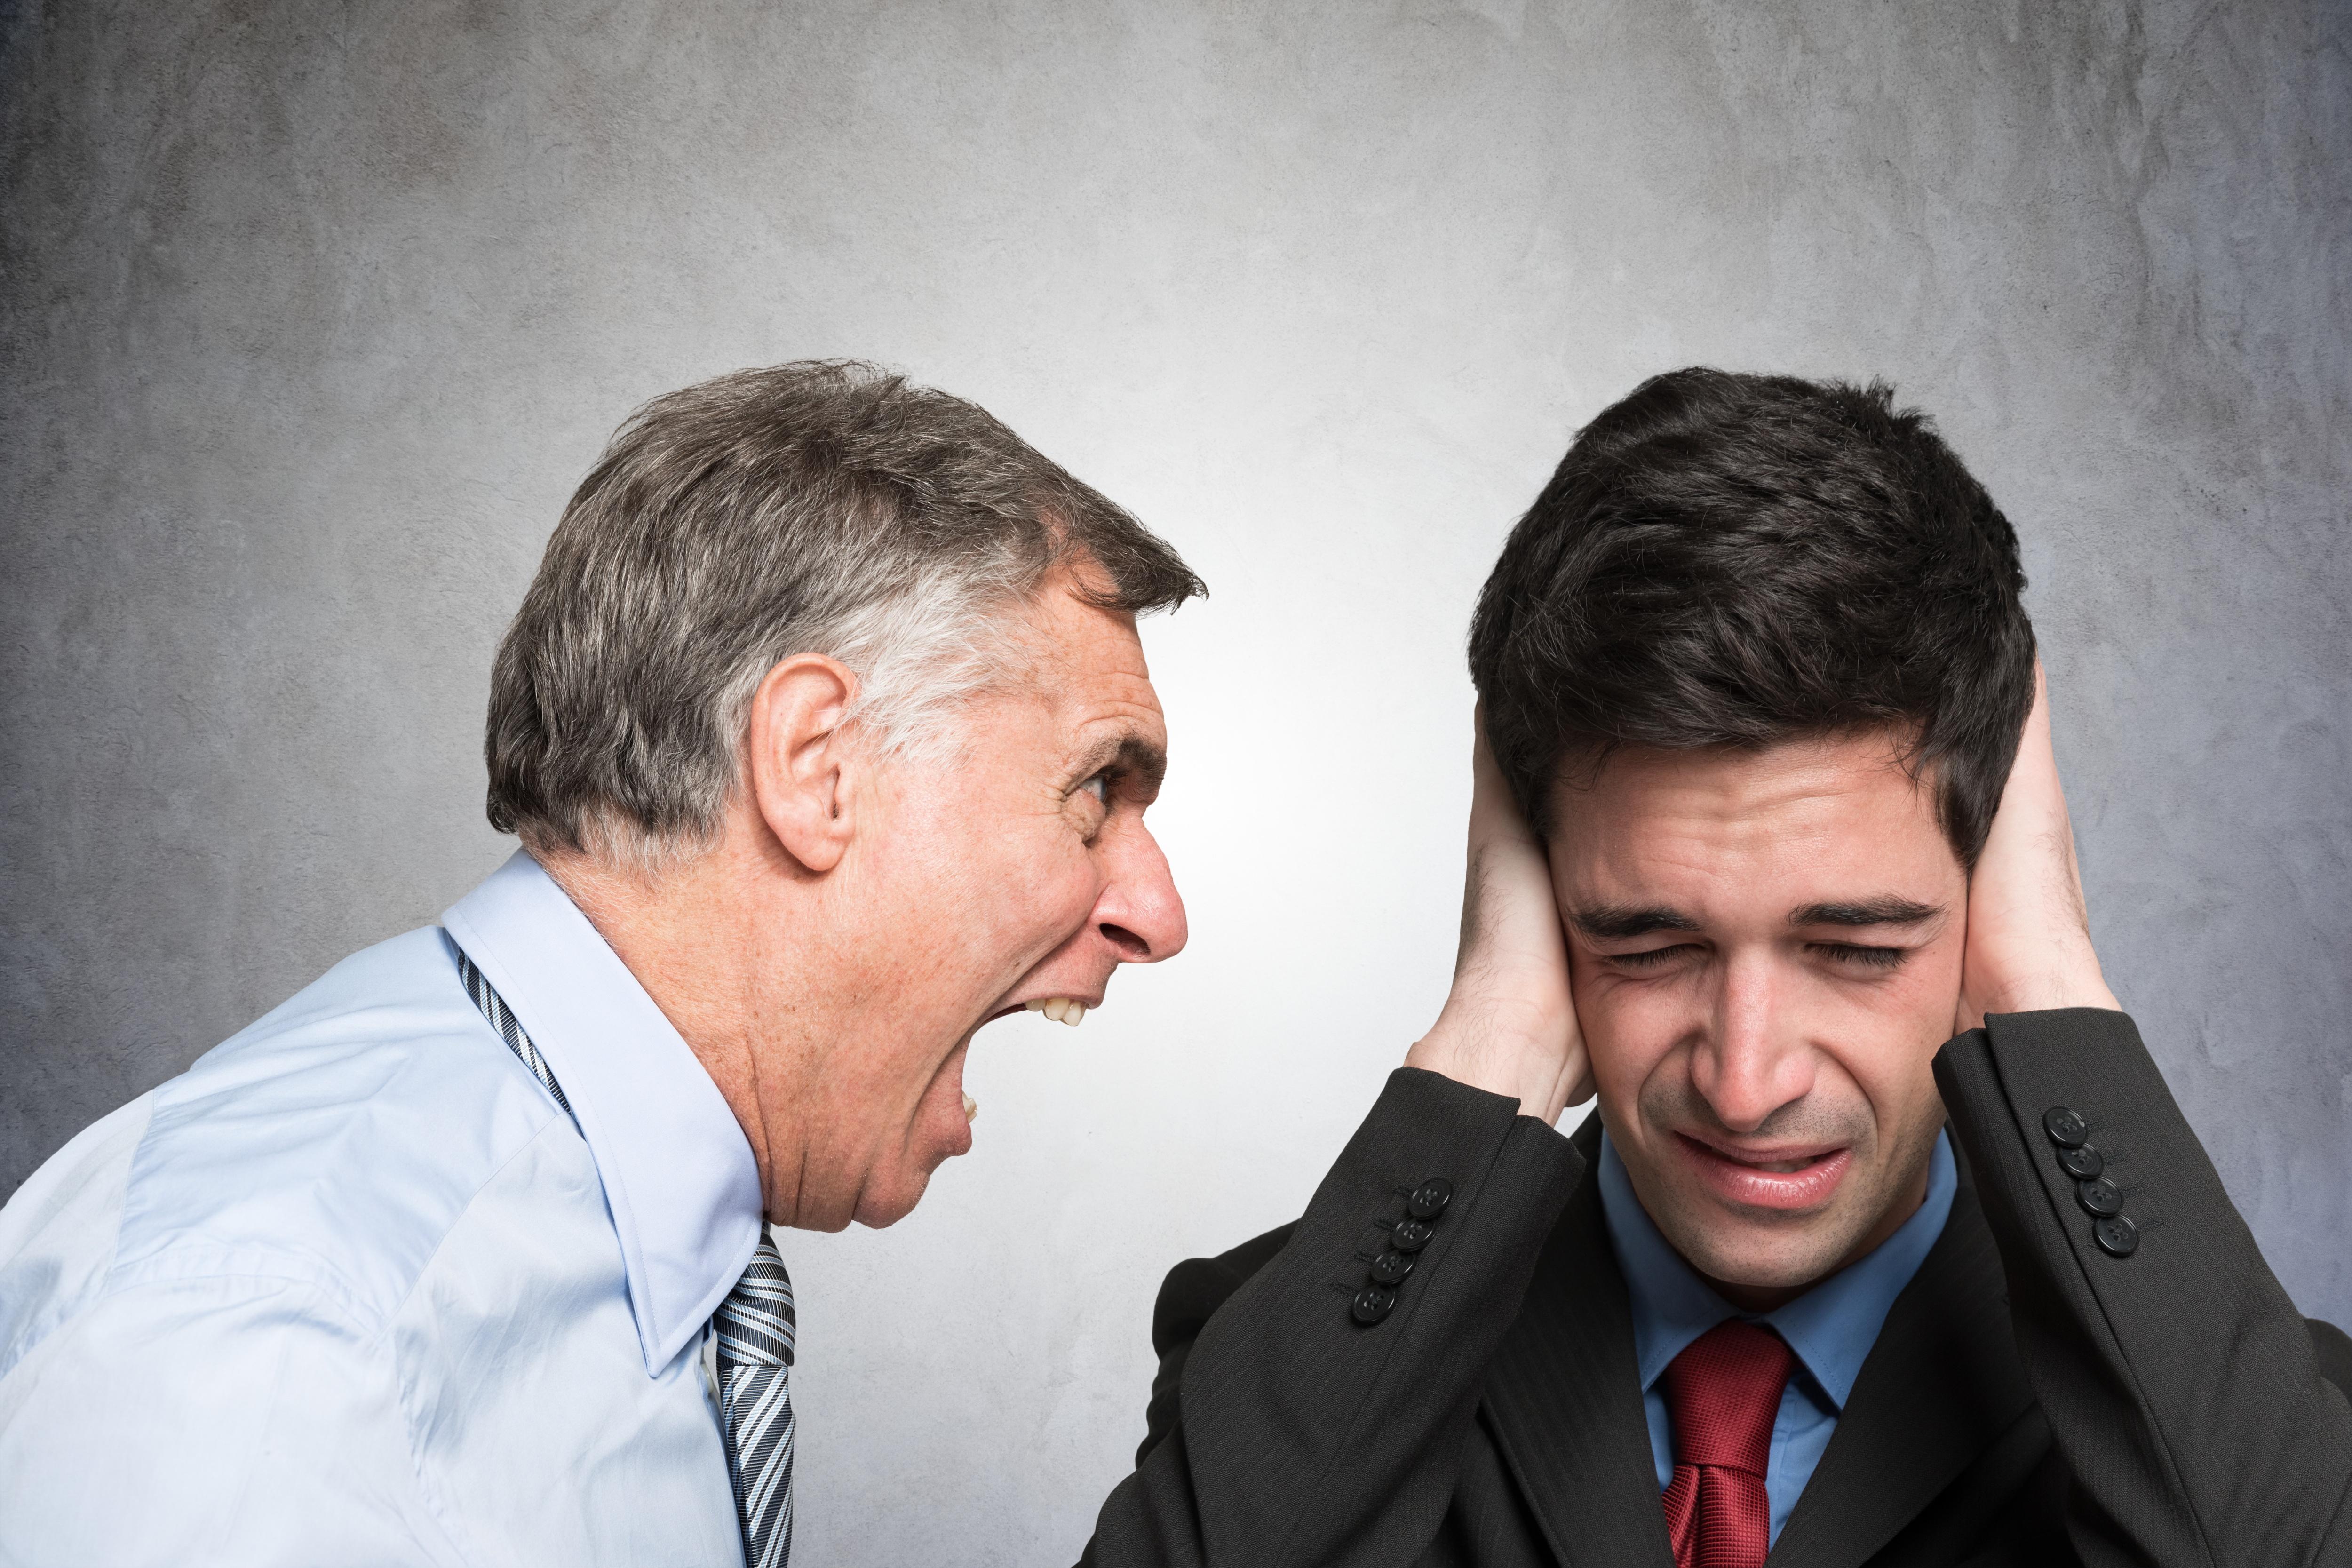 ¿Eres un mal jefe? Descubre cómo puedes evitarlo